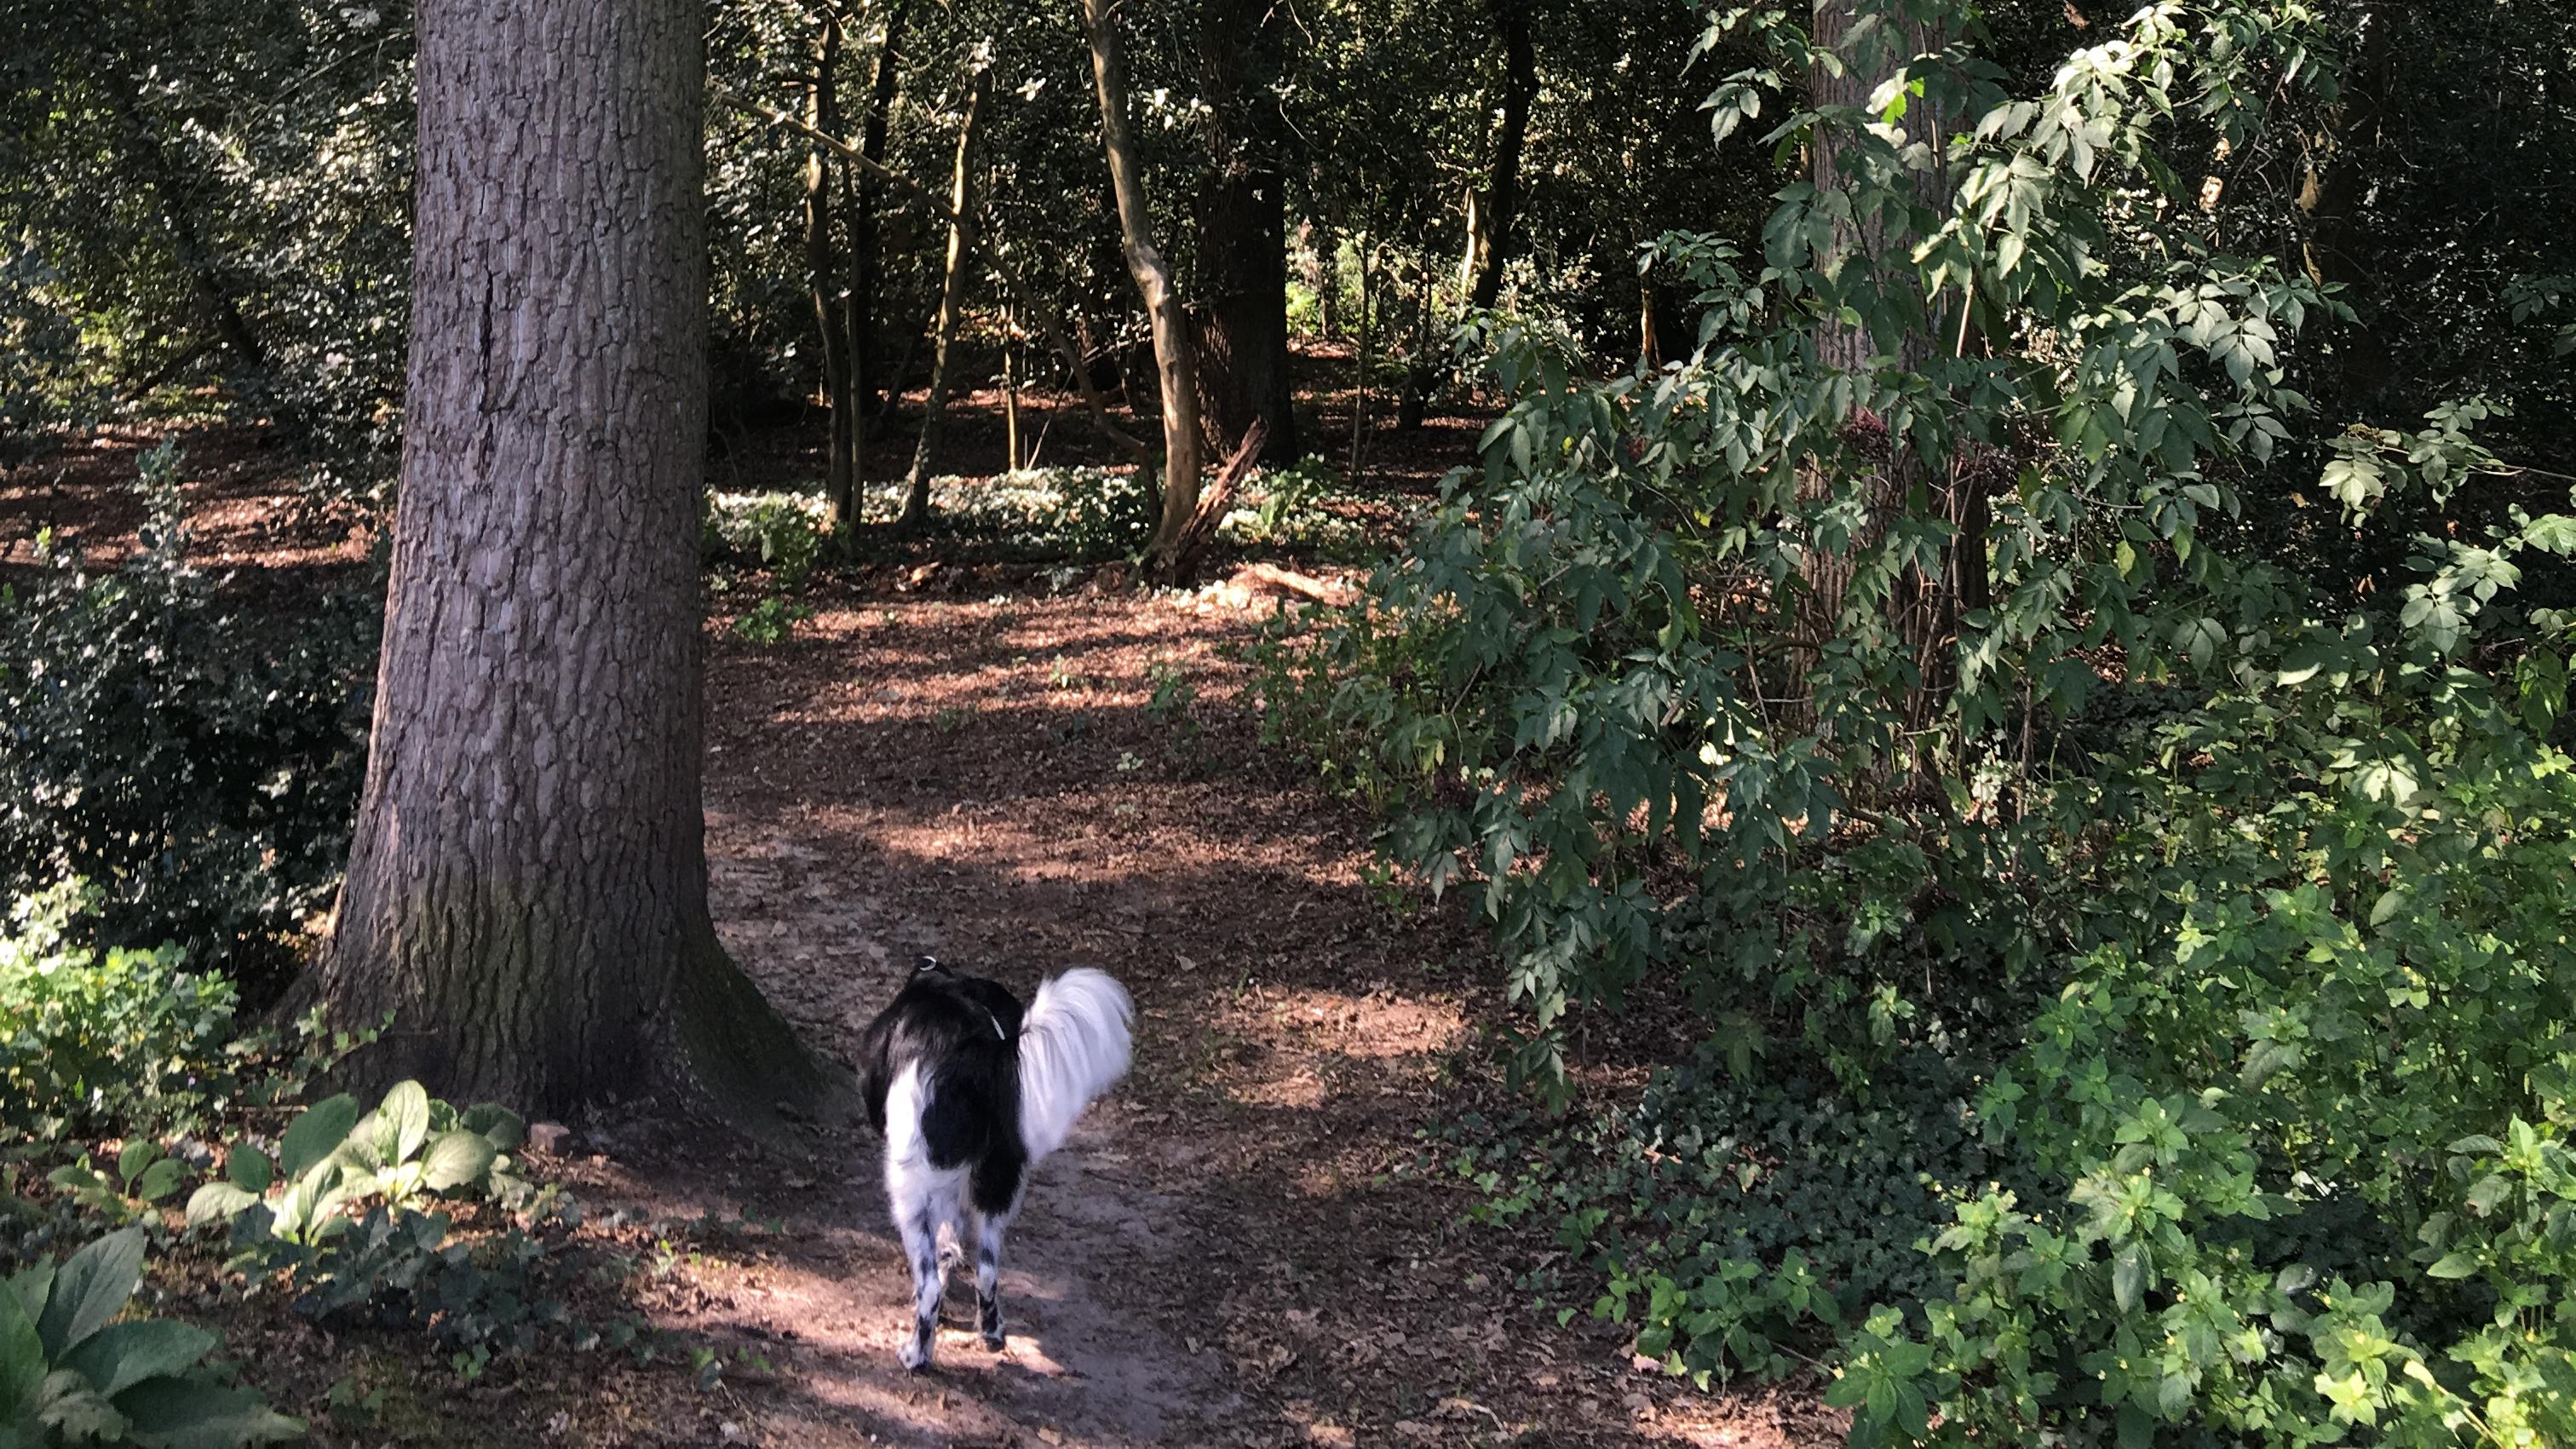 bosbaden-wandelen-met-de-hond-in-het-bos